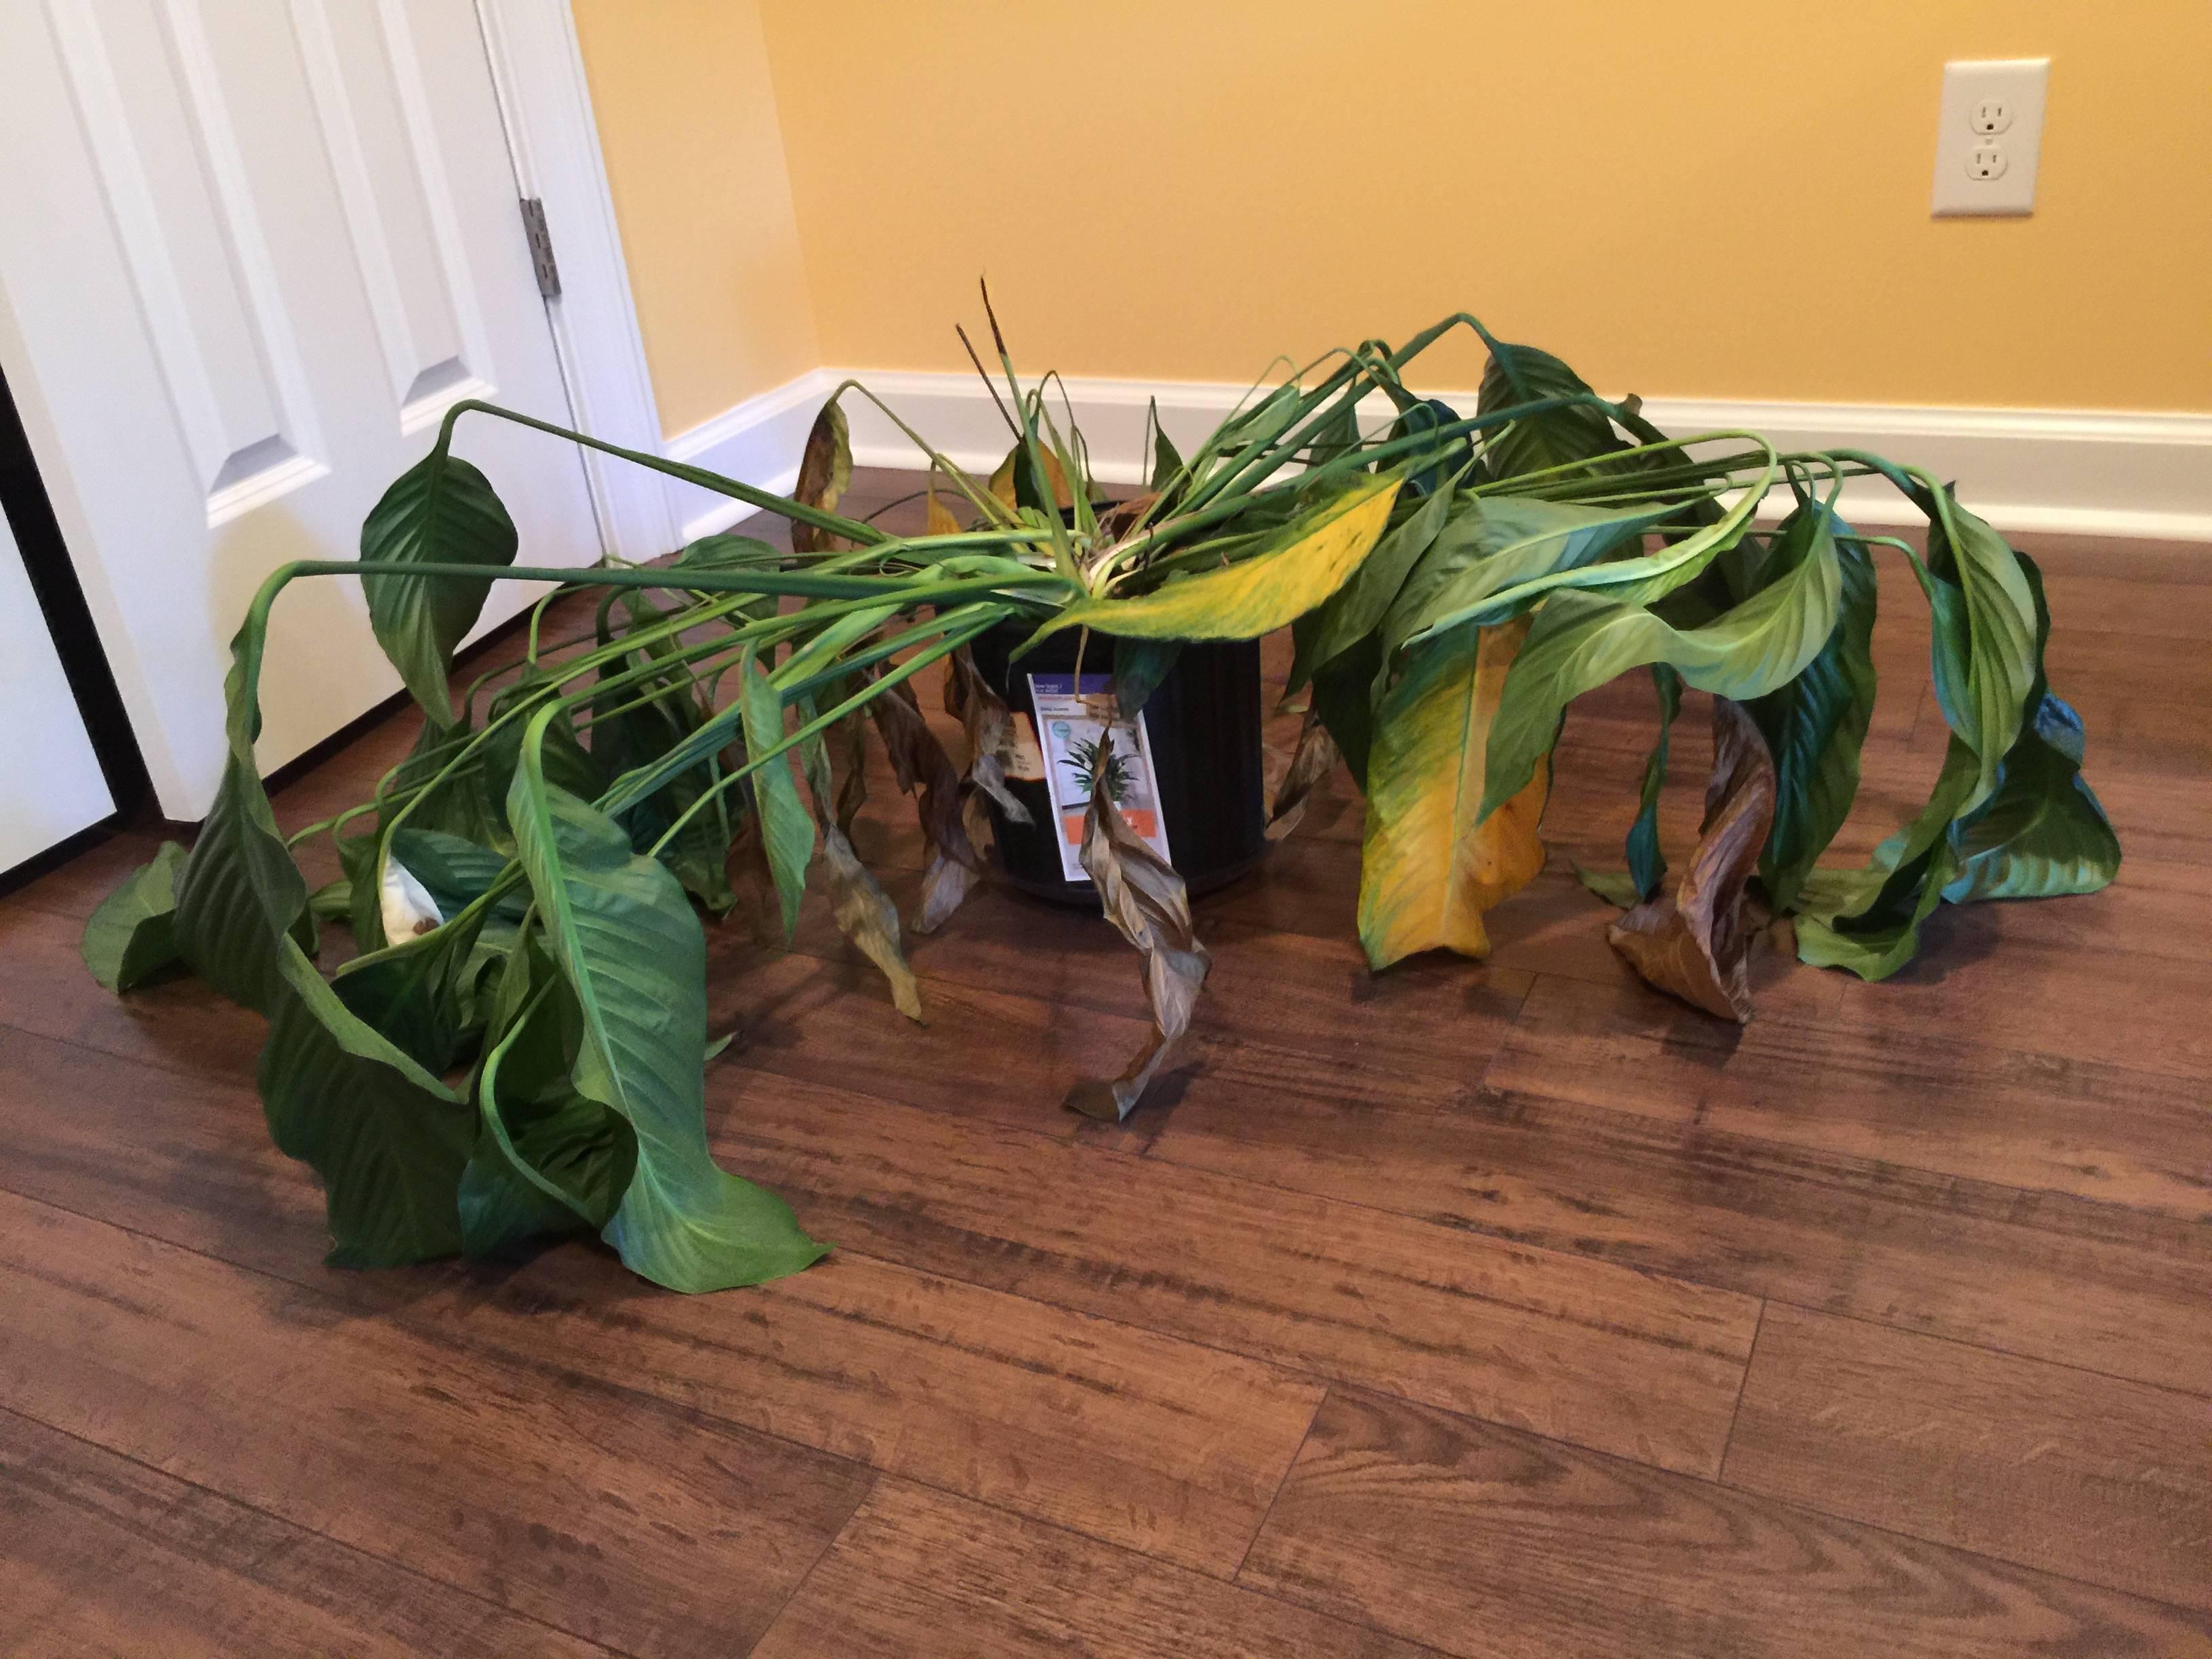 le spathiphyllum pas tout fait aussi facile cultiver qu on le dit jardinier paresseux. Black Bedroom Furniture Sets. Home Design Ideas